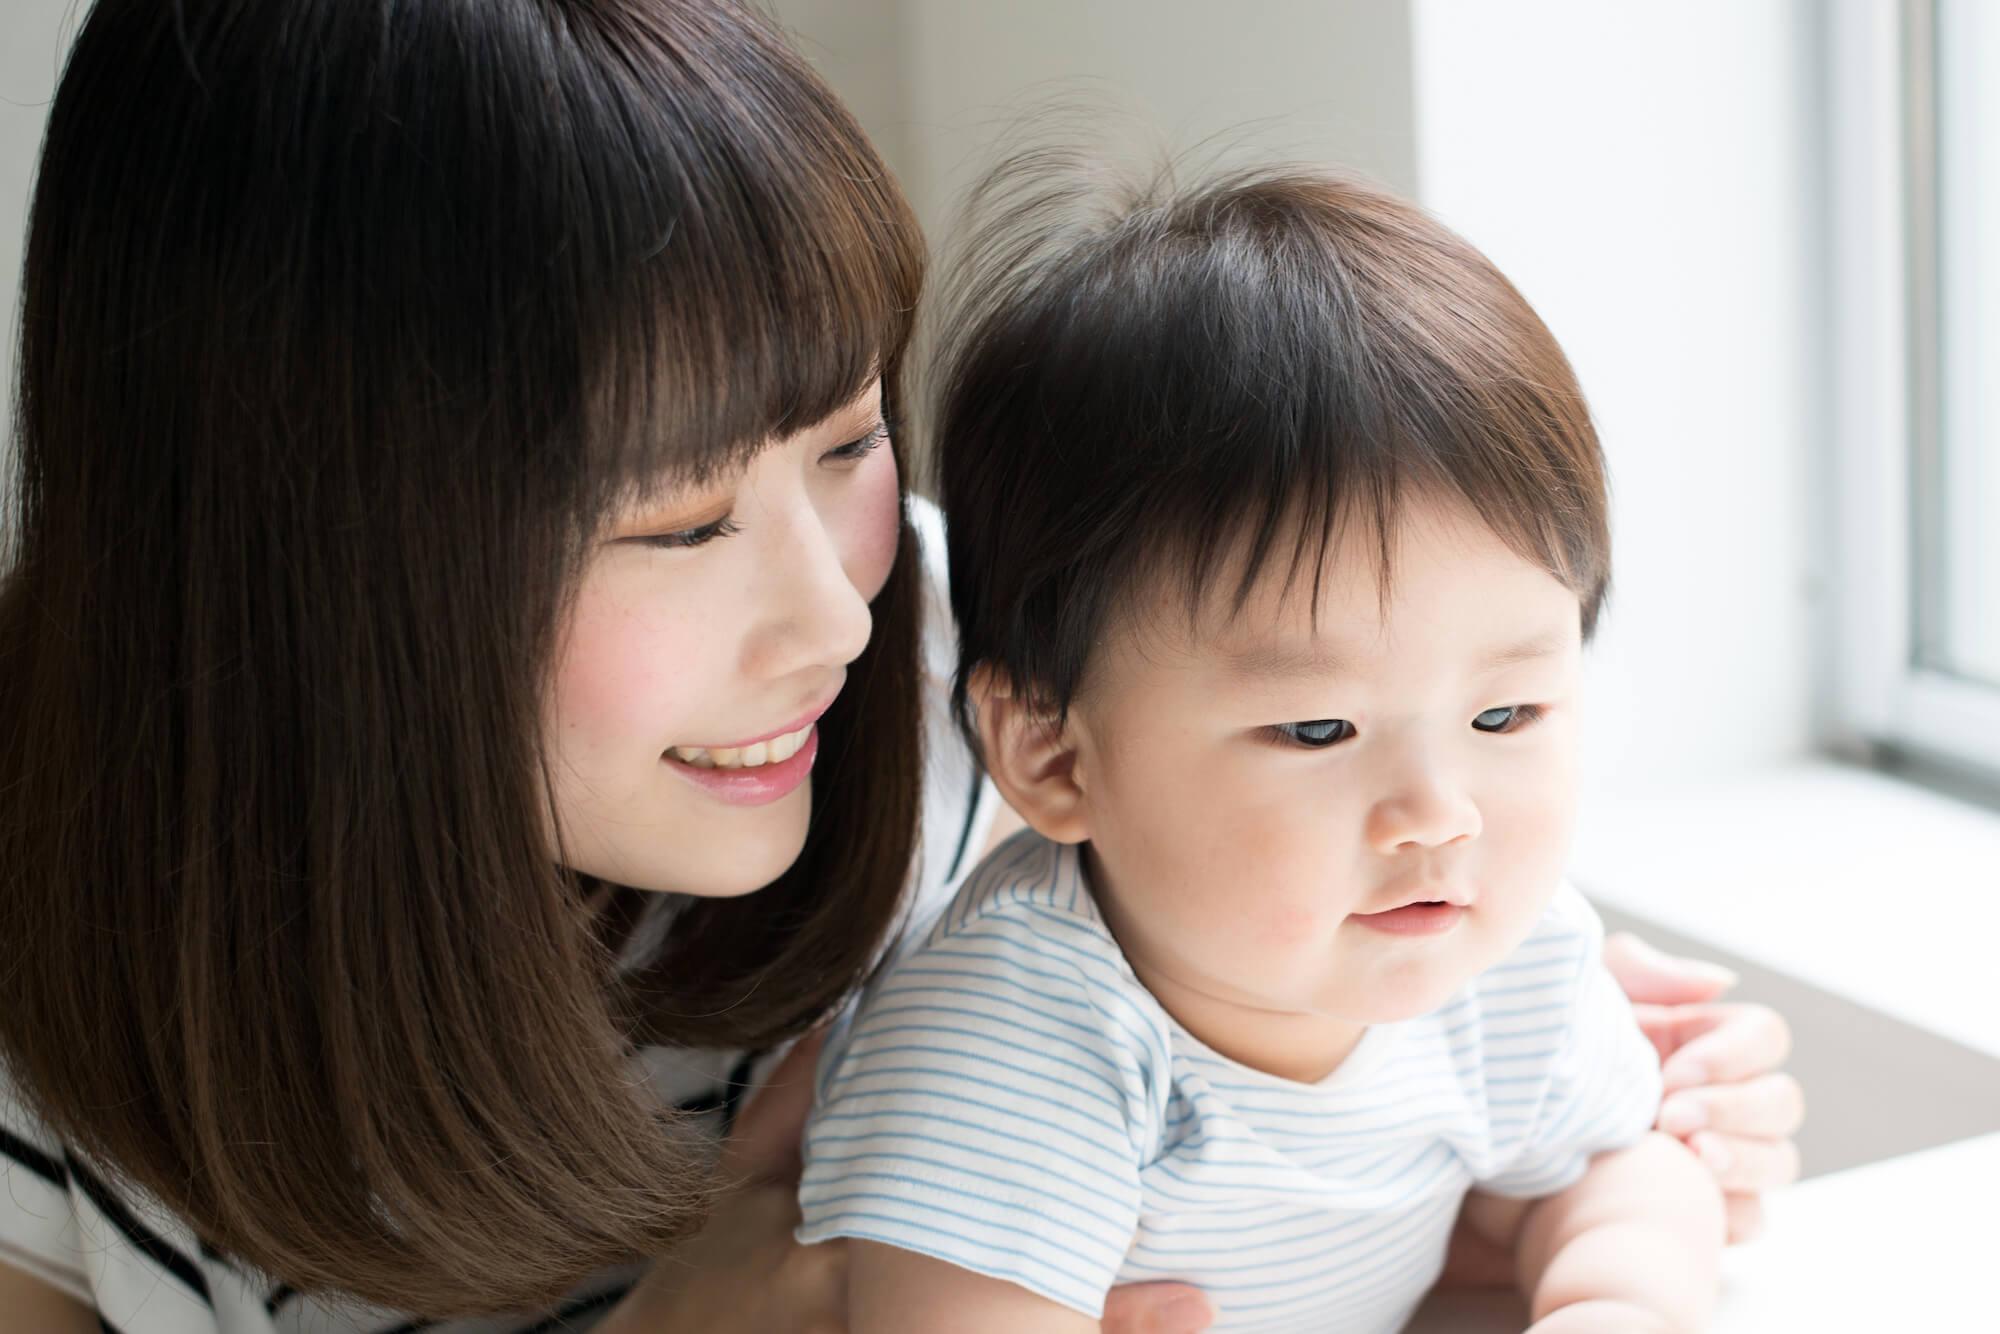 怒らない子育てを実践するコツ